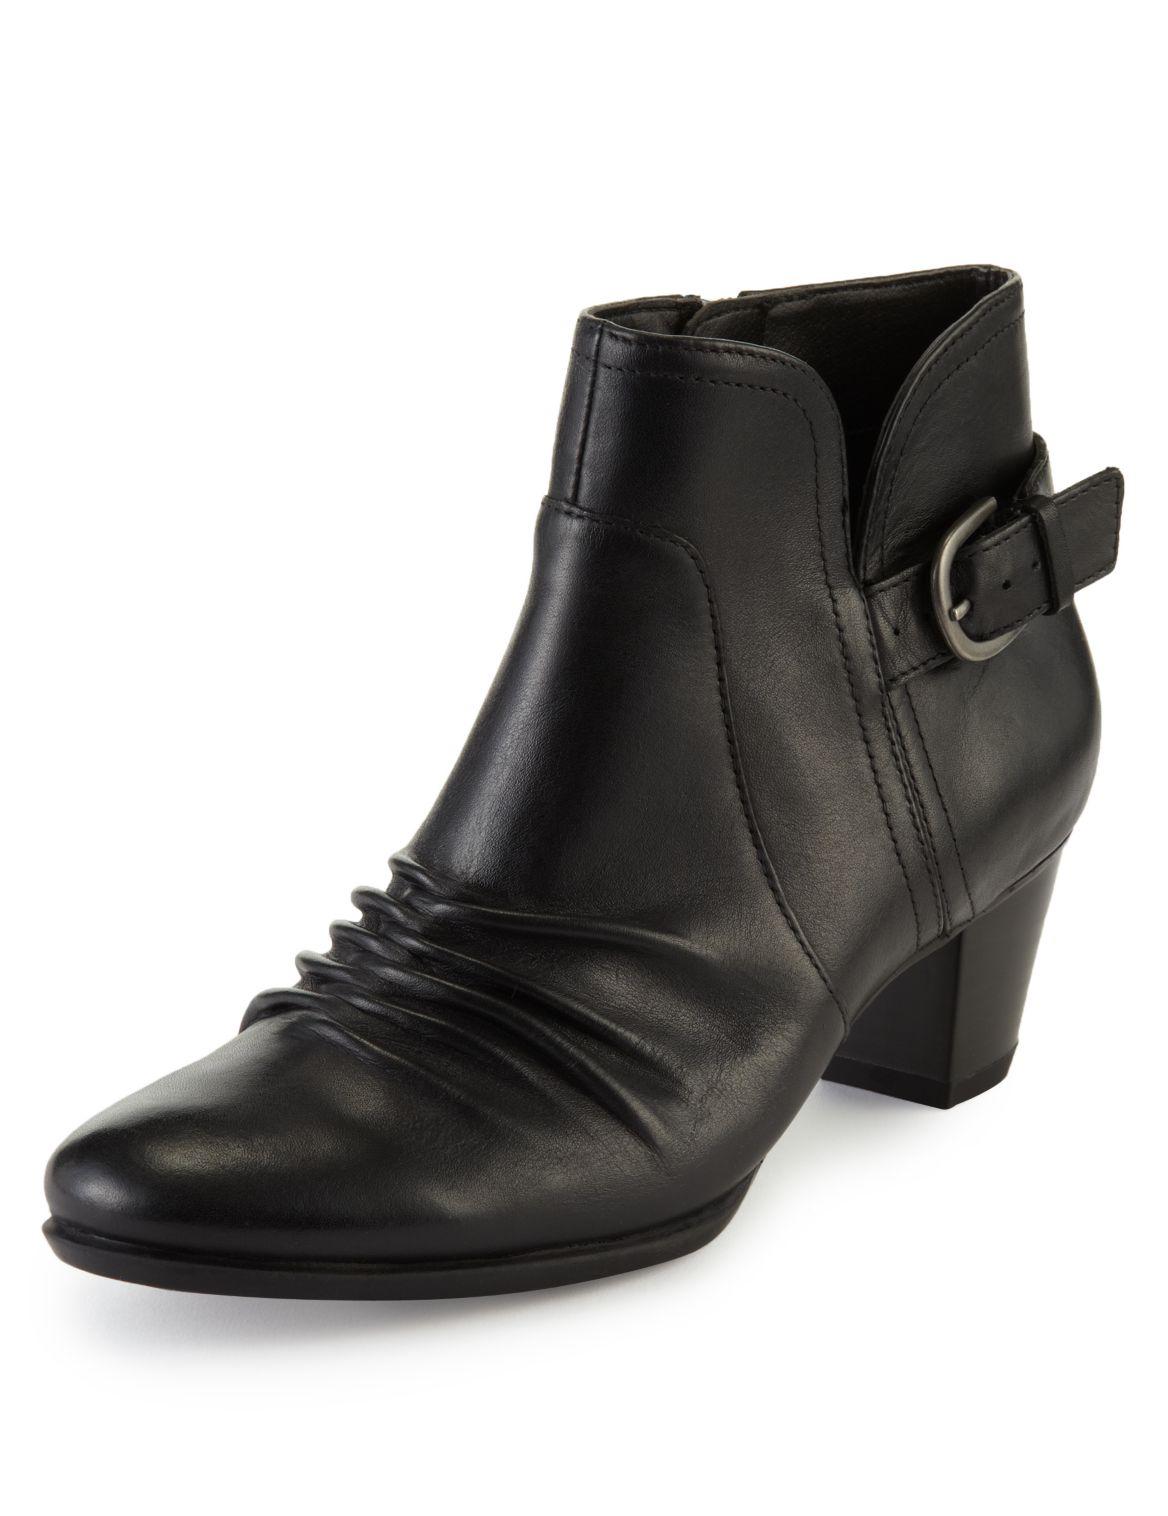 Mujer Zapatos y botas Zapatos de tacón medio